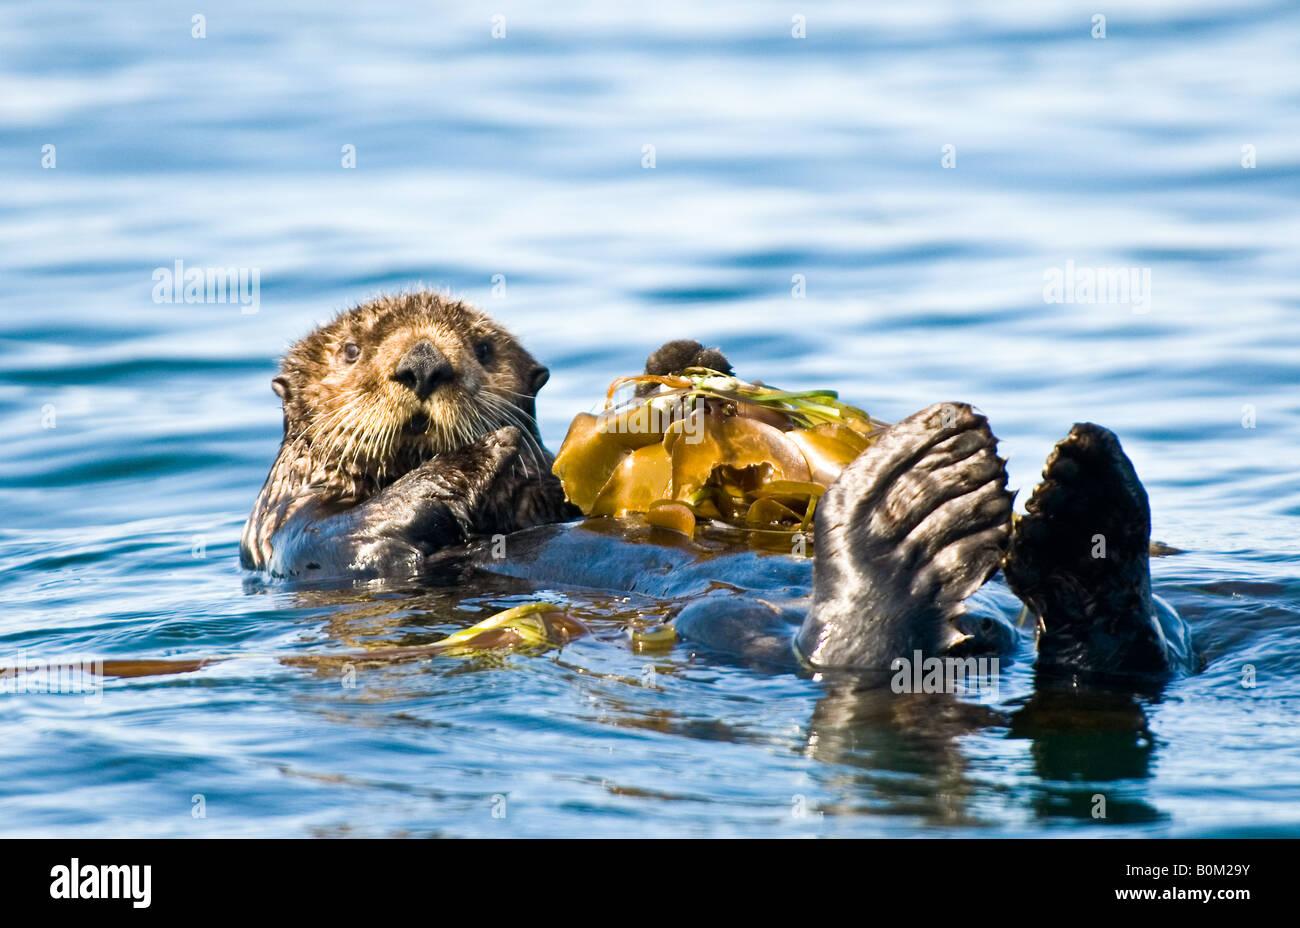 Stati Uniti d'America Alaska Sea Otter in appoggio sul letto di fuco in ocean Immagini Stock